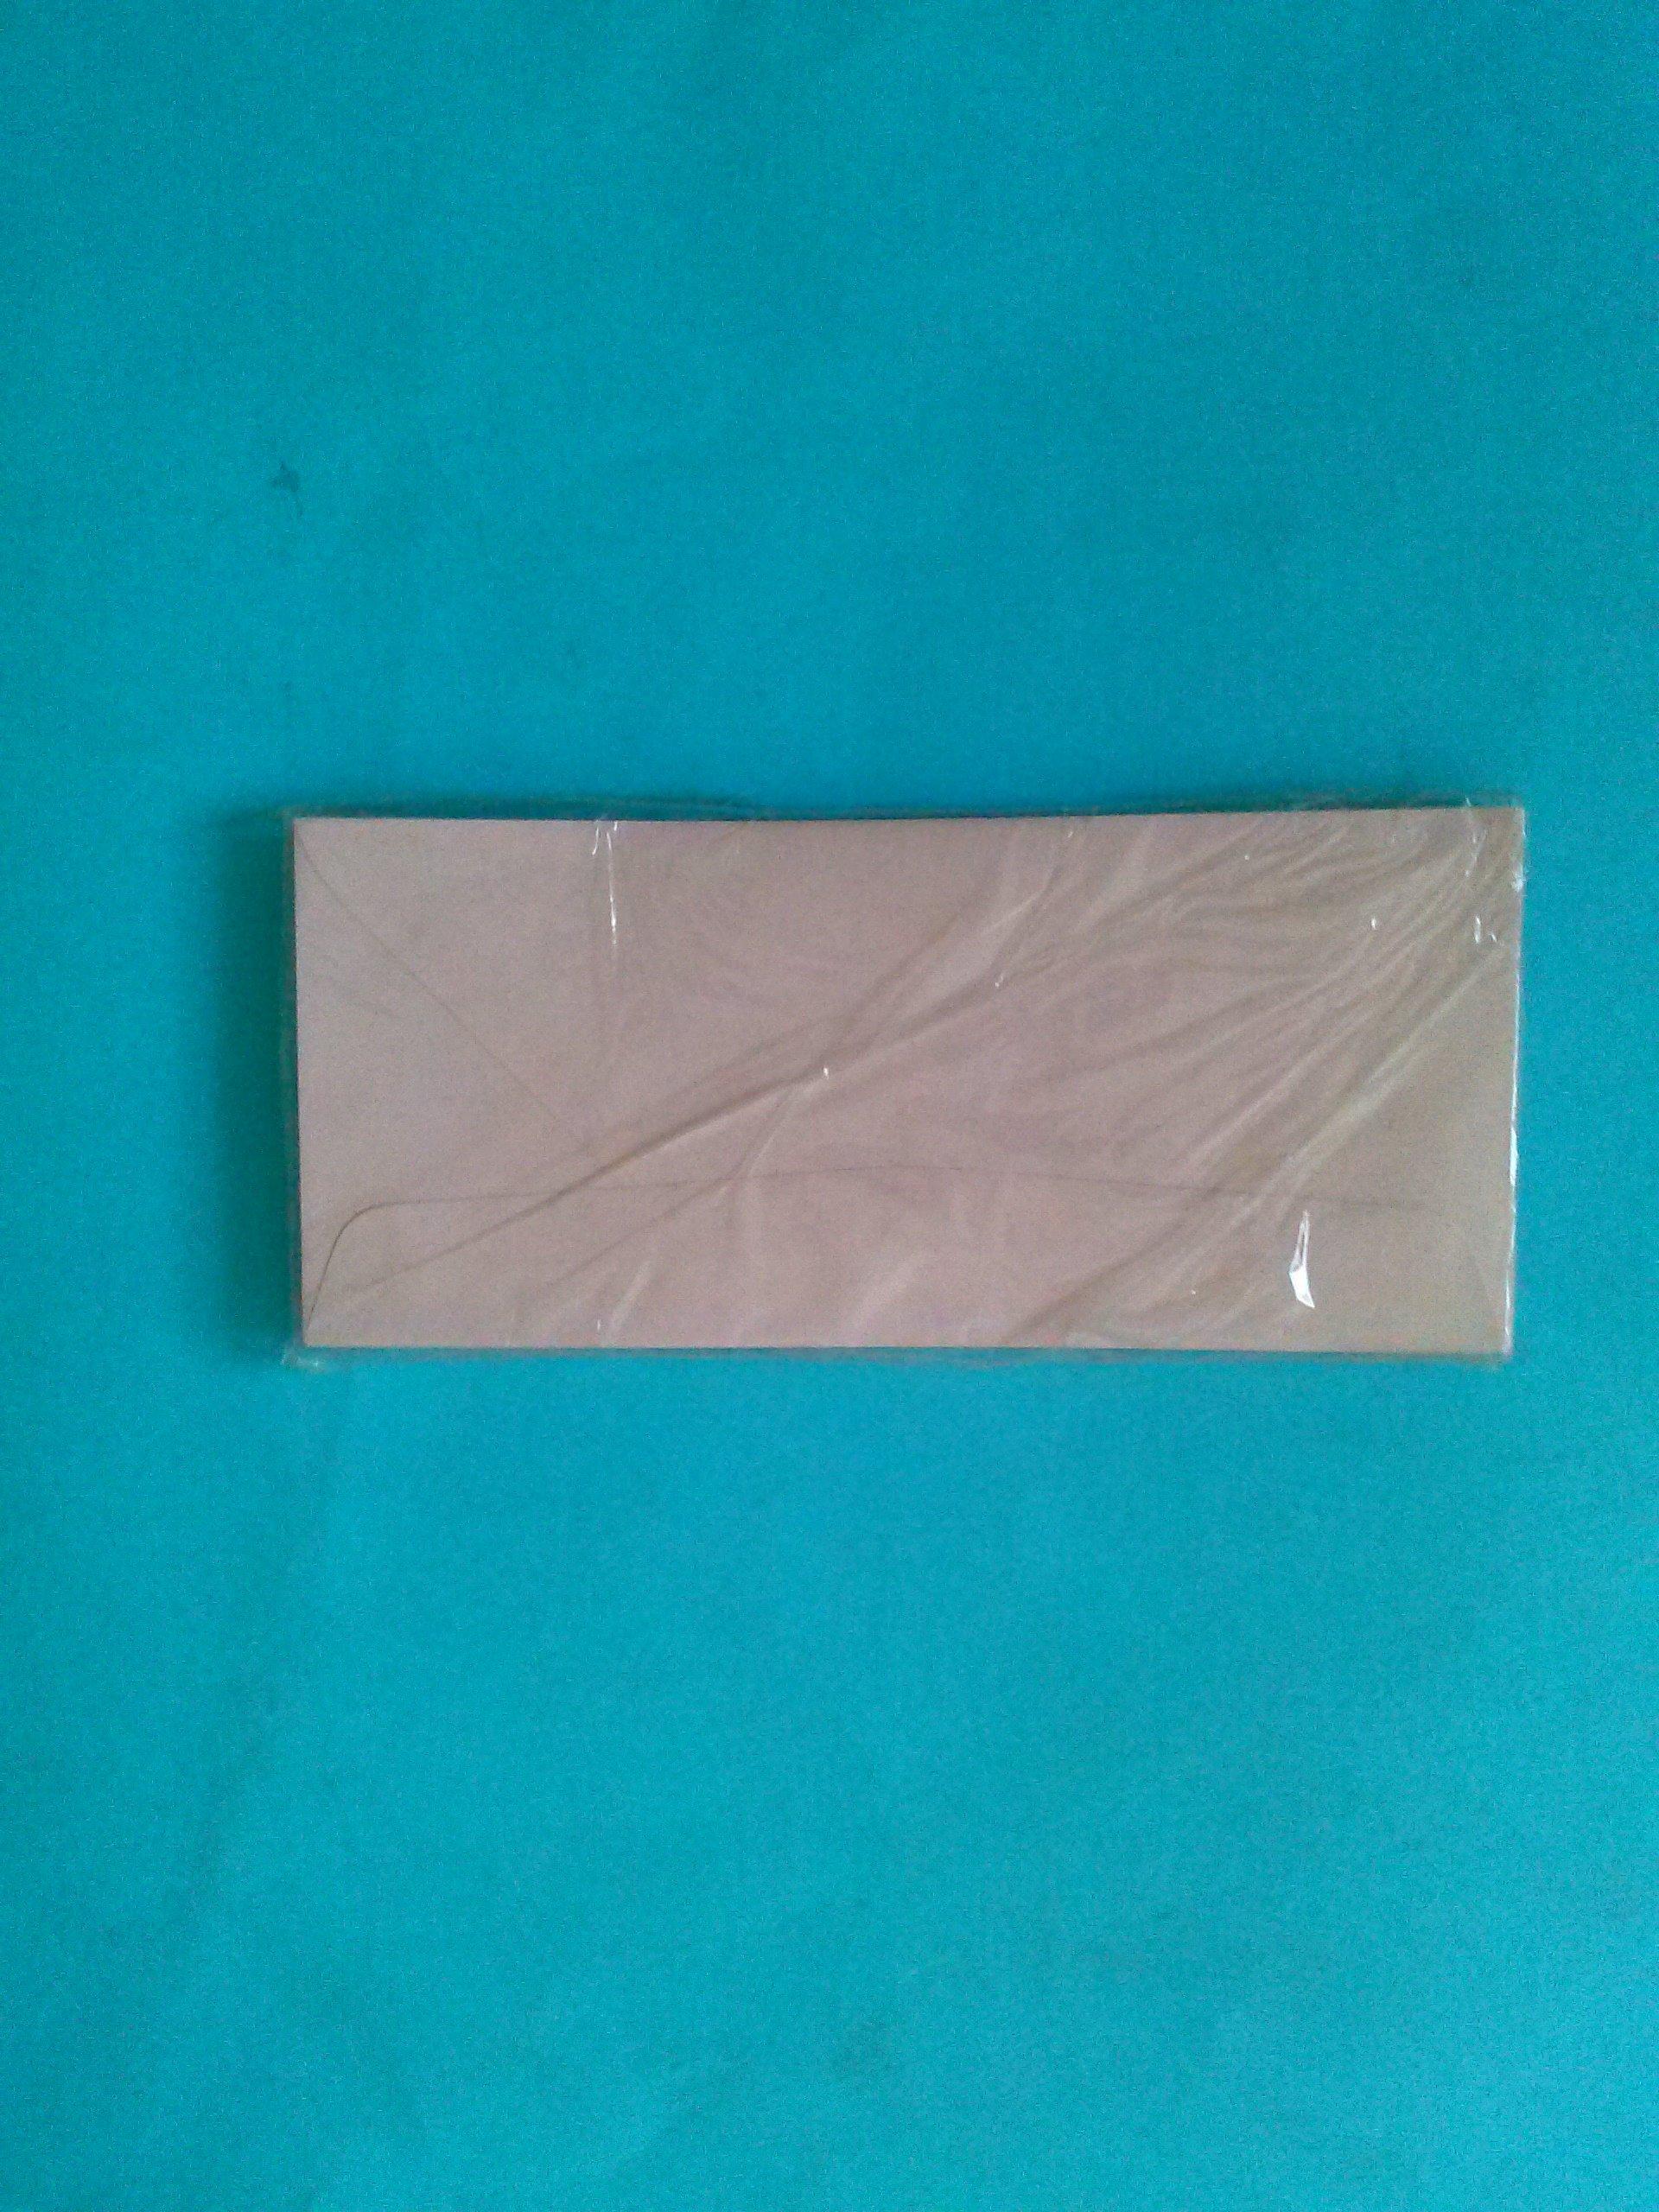 Emco Bond Finish Envelopes #10 Sub 20/24 Pink